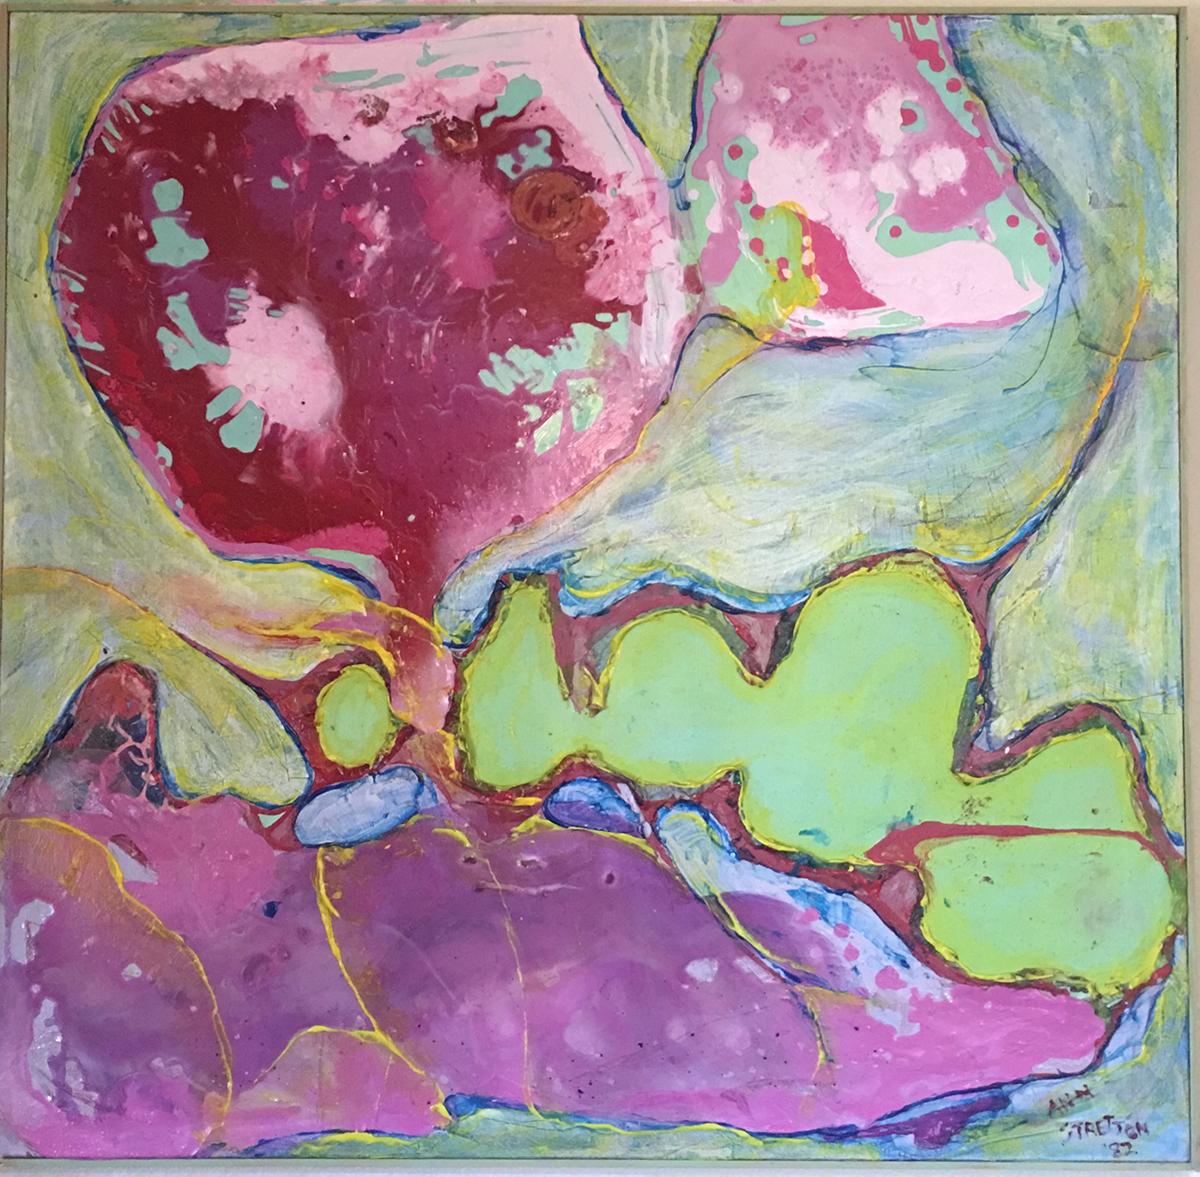 Untitled, Acrylic, 1982, Ann Stretton